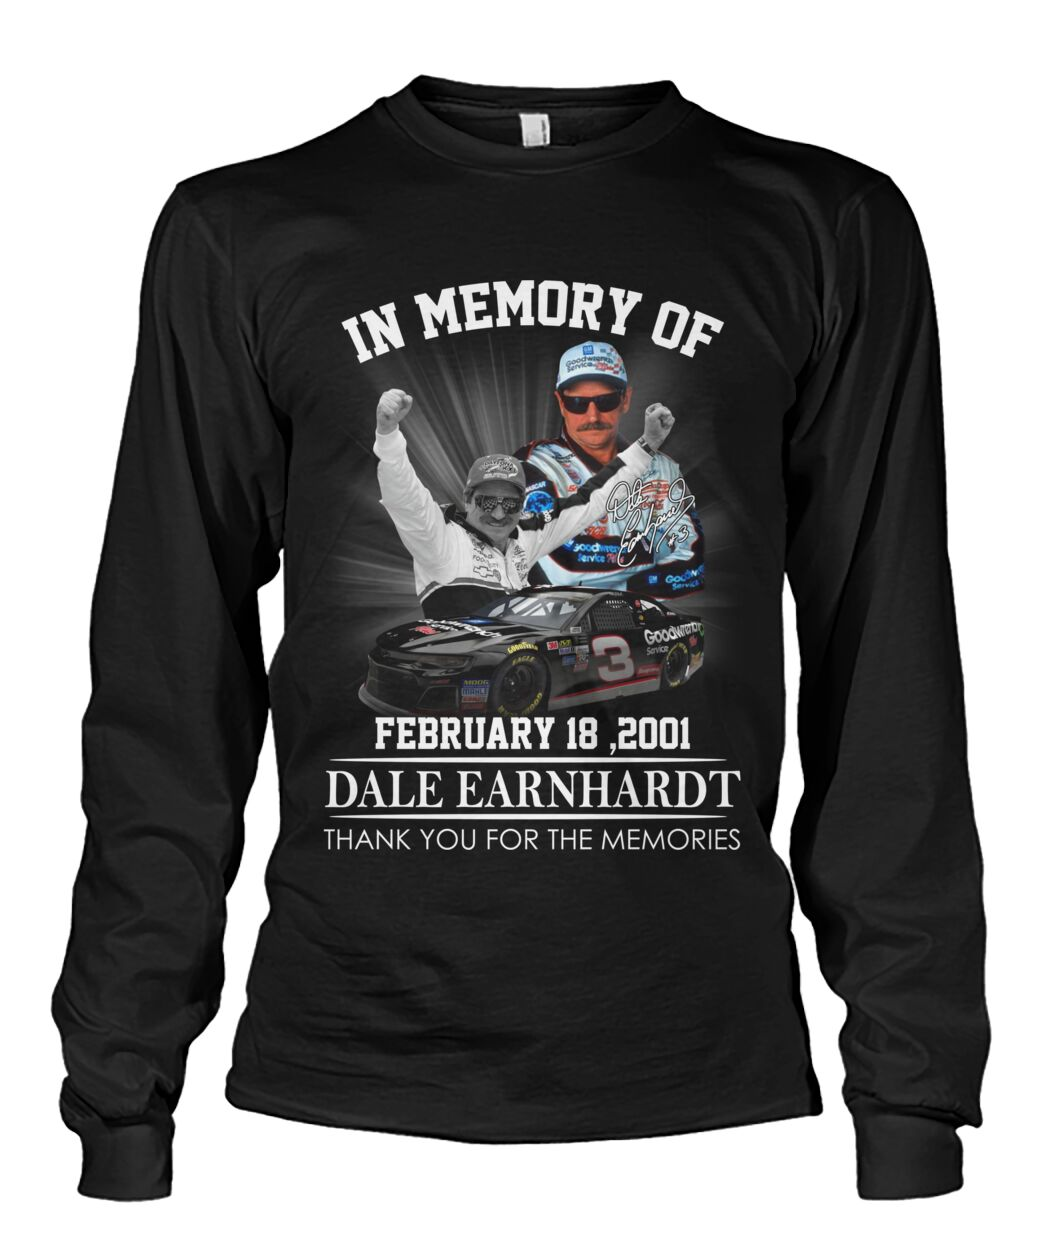 In memory of Dale Earnhardt February 18 2001 long sleeve